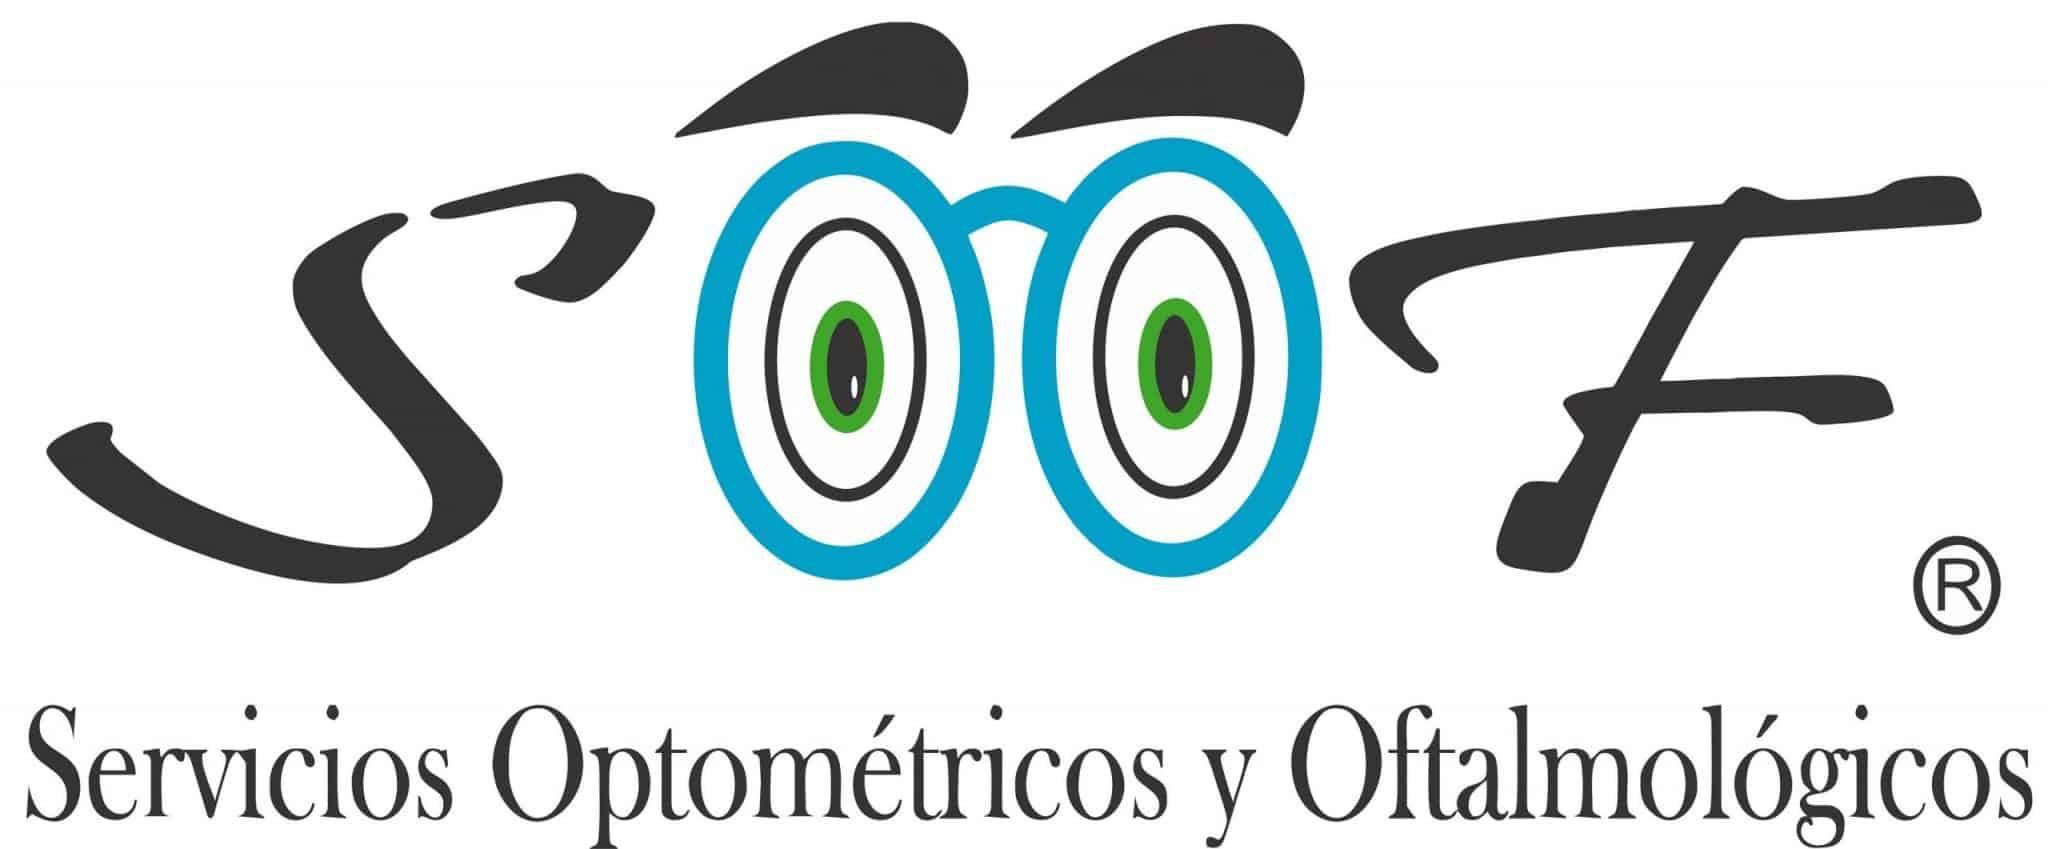 optica en tlahuac, optometrista en tlahuac